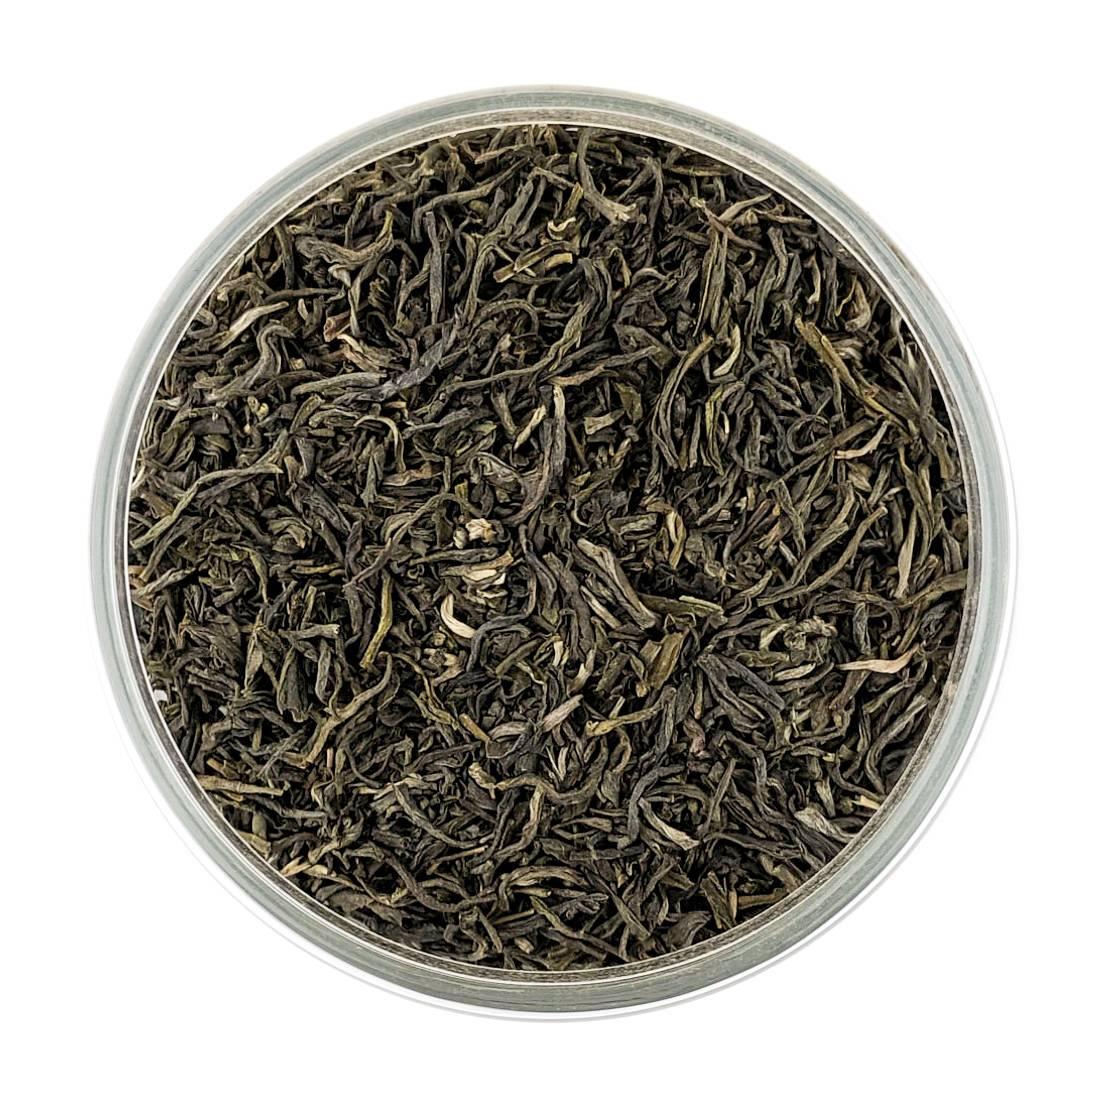 Виды чая и их свойства - классификация чая